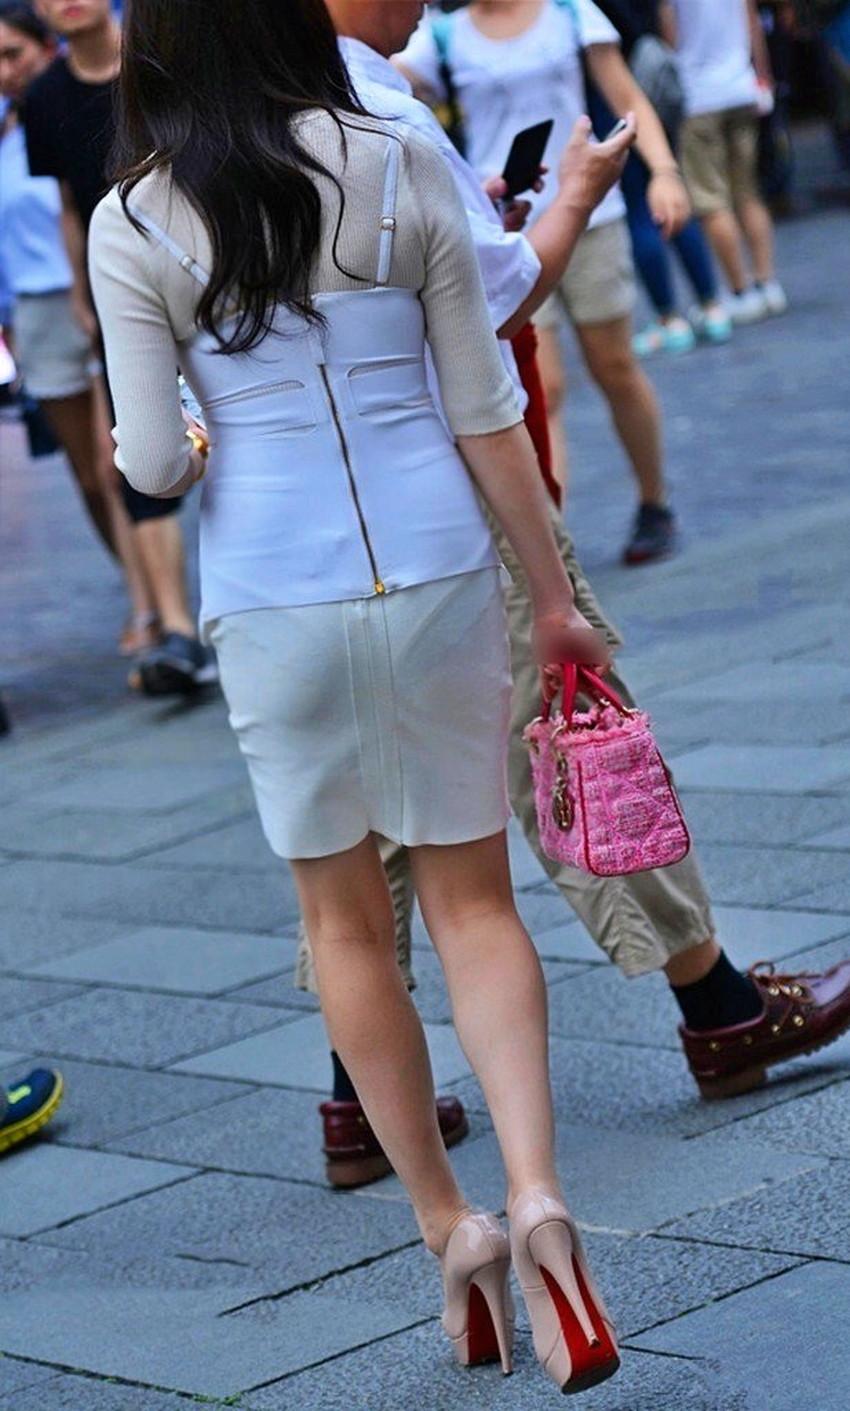 【透けパンツエロ画像】パンツ丸見えよりもタイトスカートや履いて下着が透けてる素人女子のほうが興奮しちゃう透けパンツのエロ画像酒!ww【80枚】 68